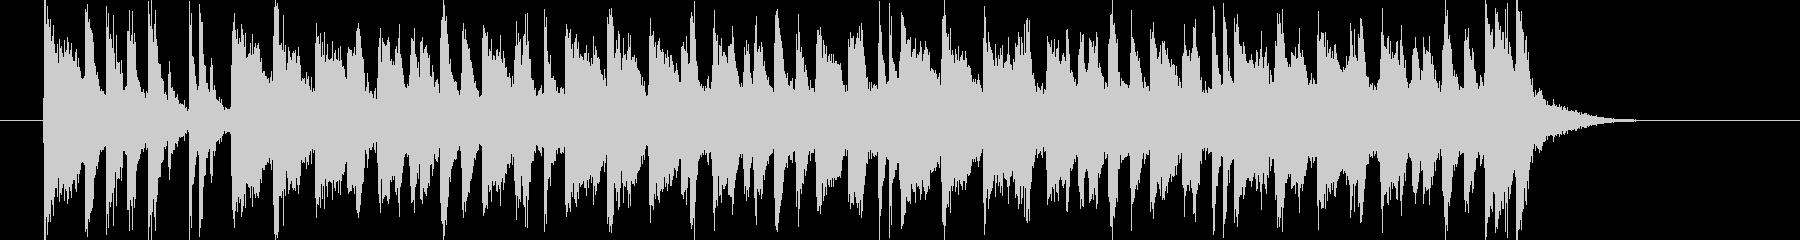 Light and rhythmic pops's unreproduced waveform